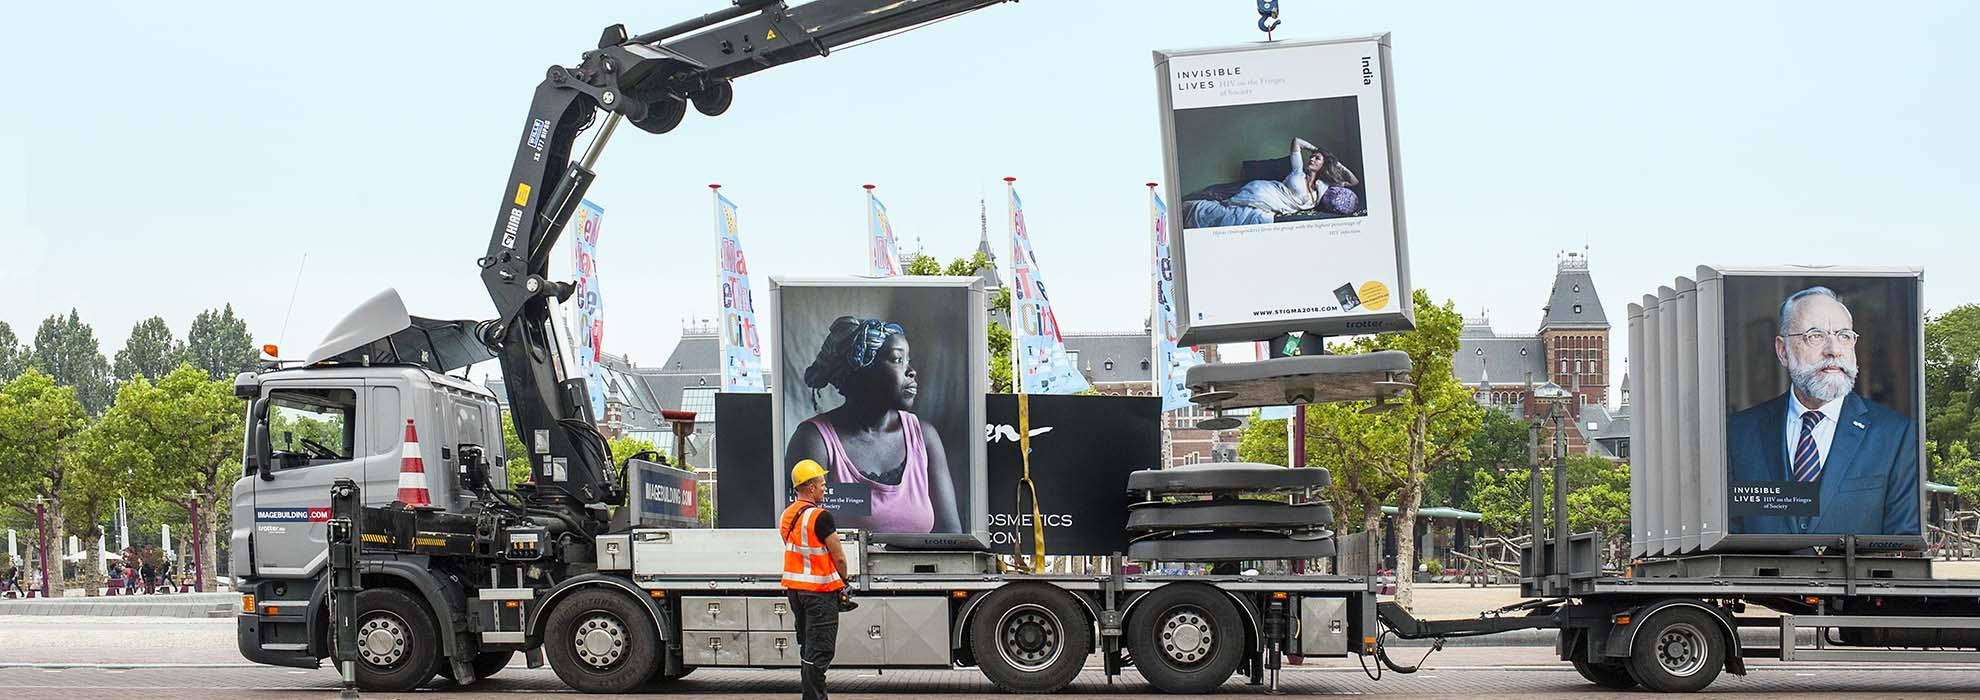 reclamebord buiten trotter amsterdam den haag vrachtwagen image building